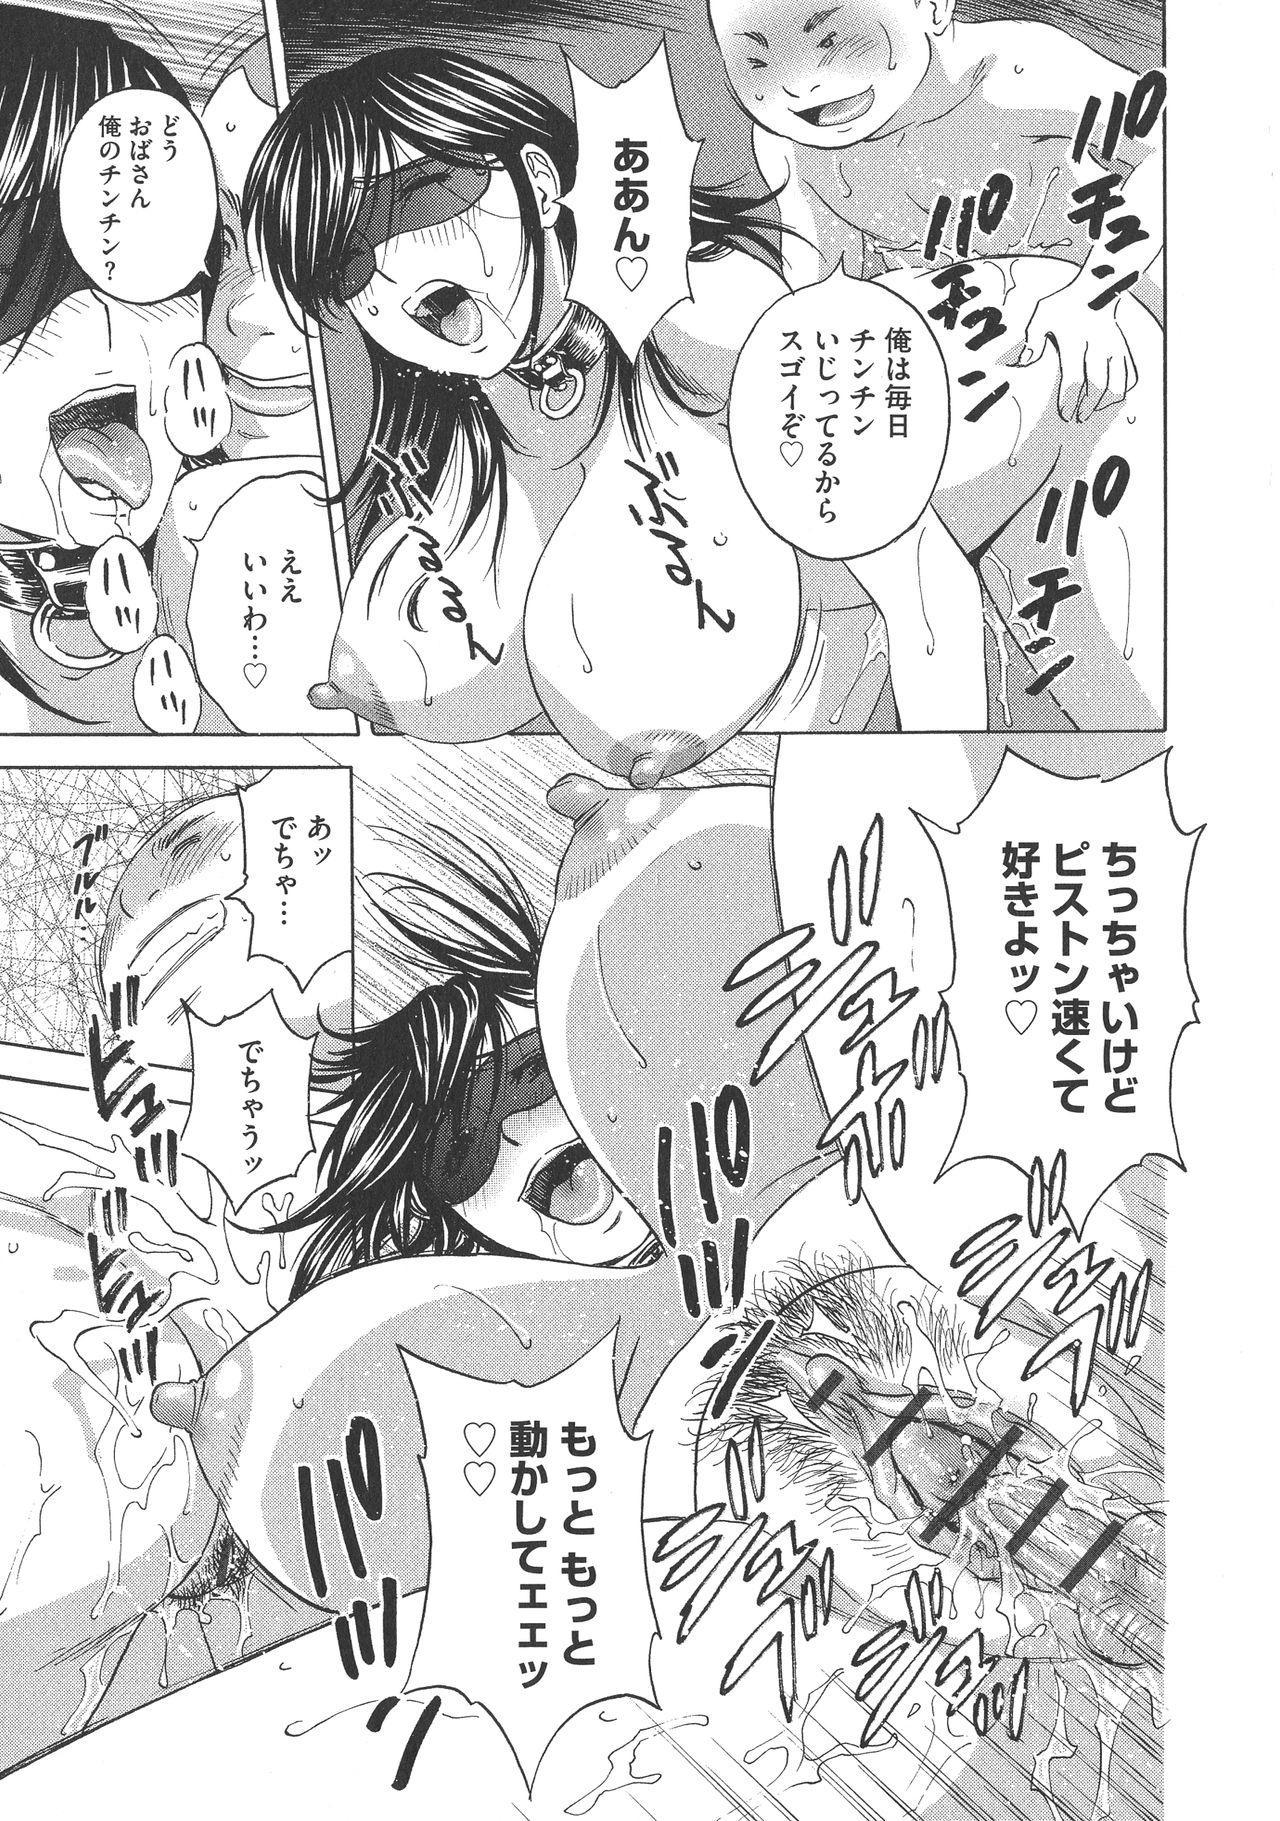 Chijoku ni Modaeru Haha no Chichi… 64